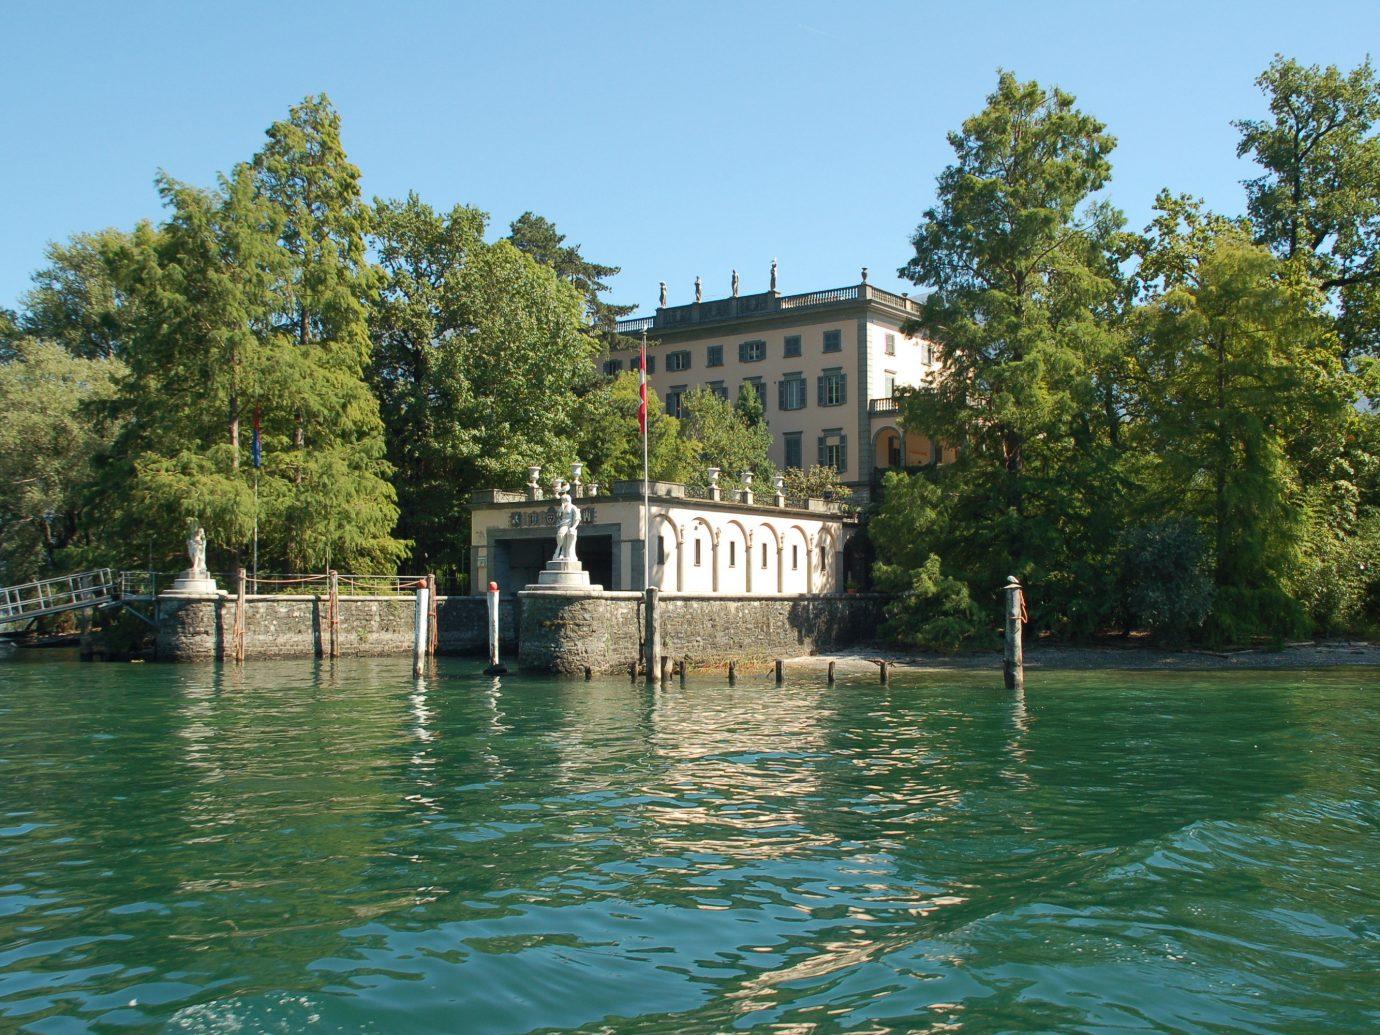 Brissago Islands in Lake Maggiore